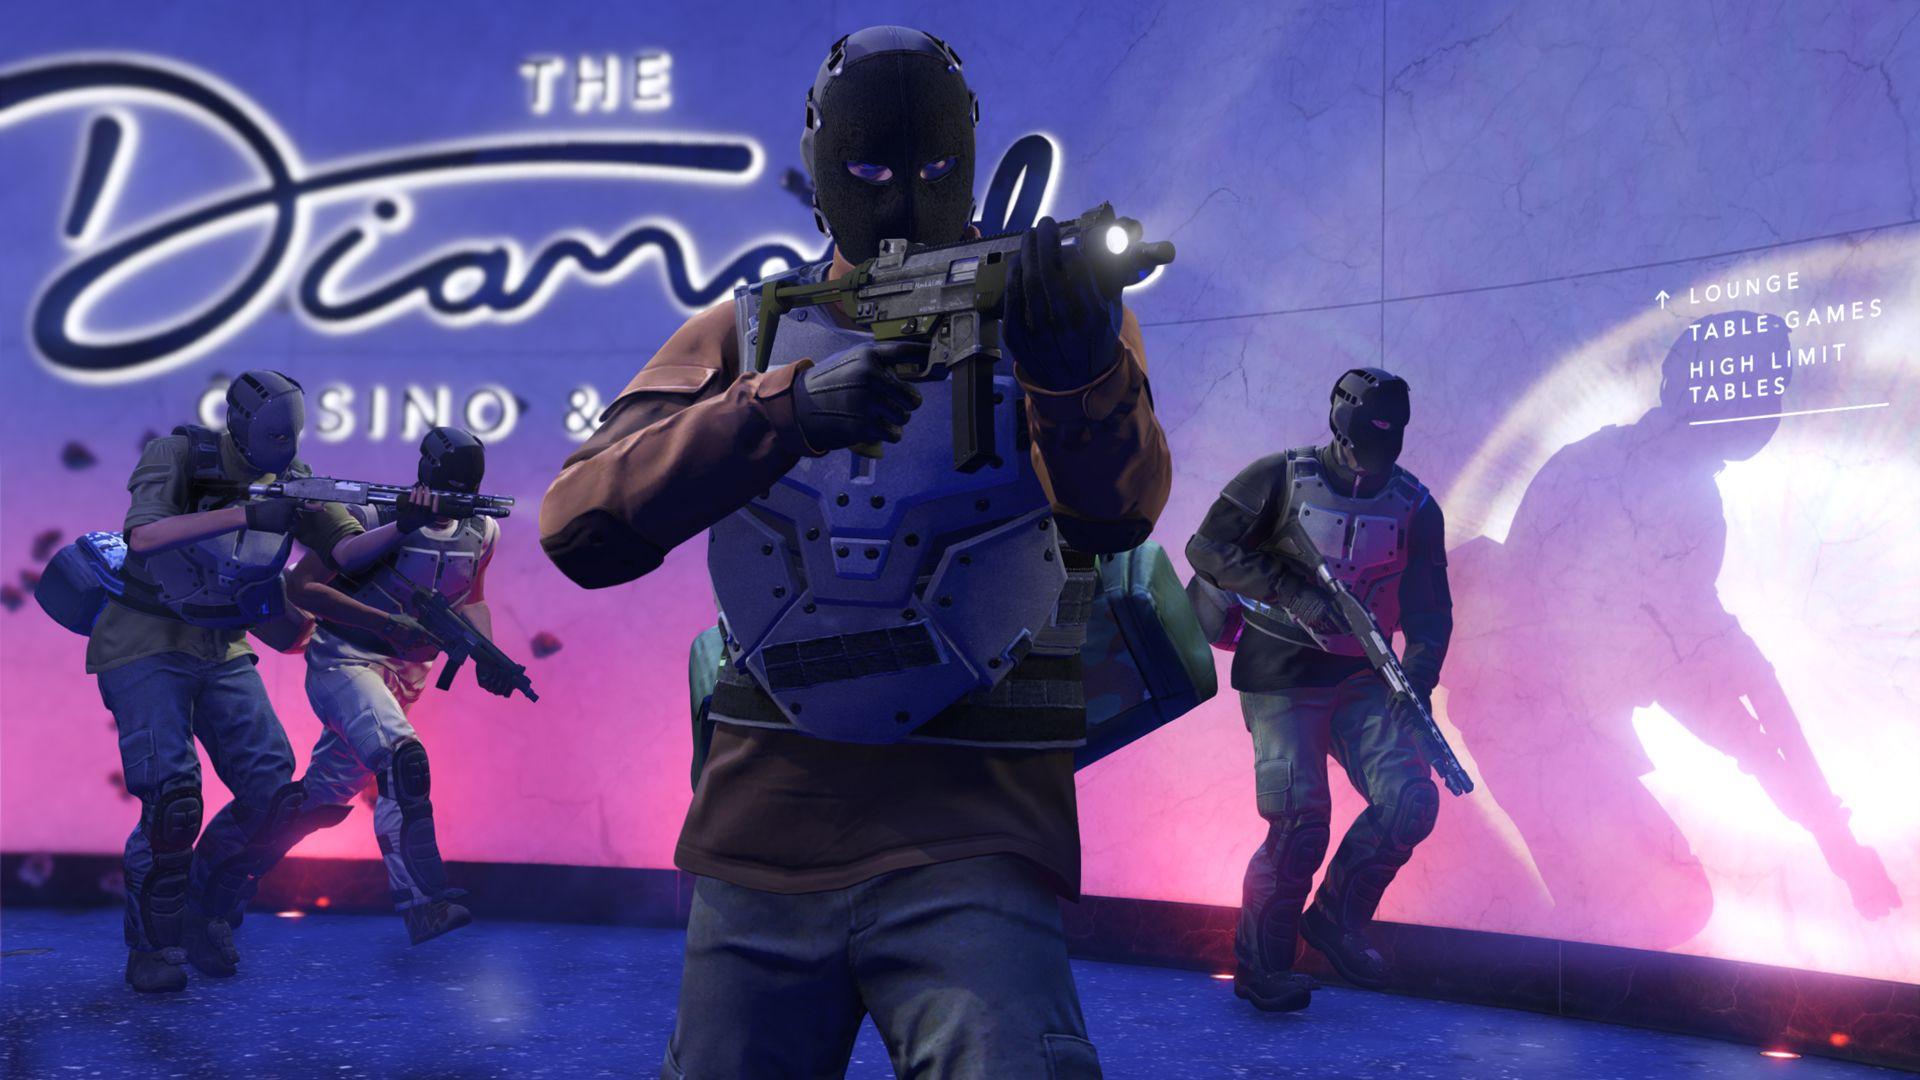 Casino Heist in GTA